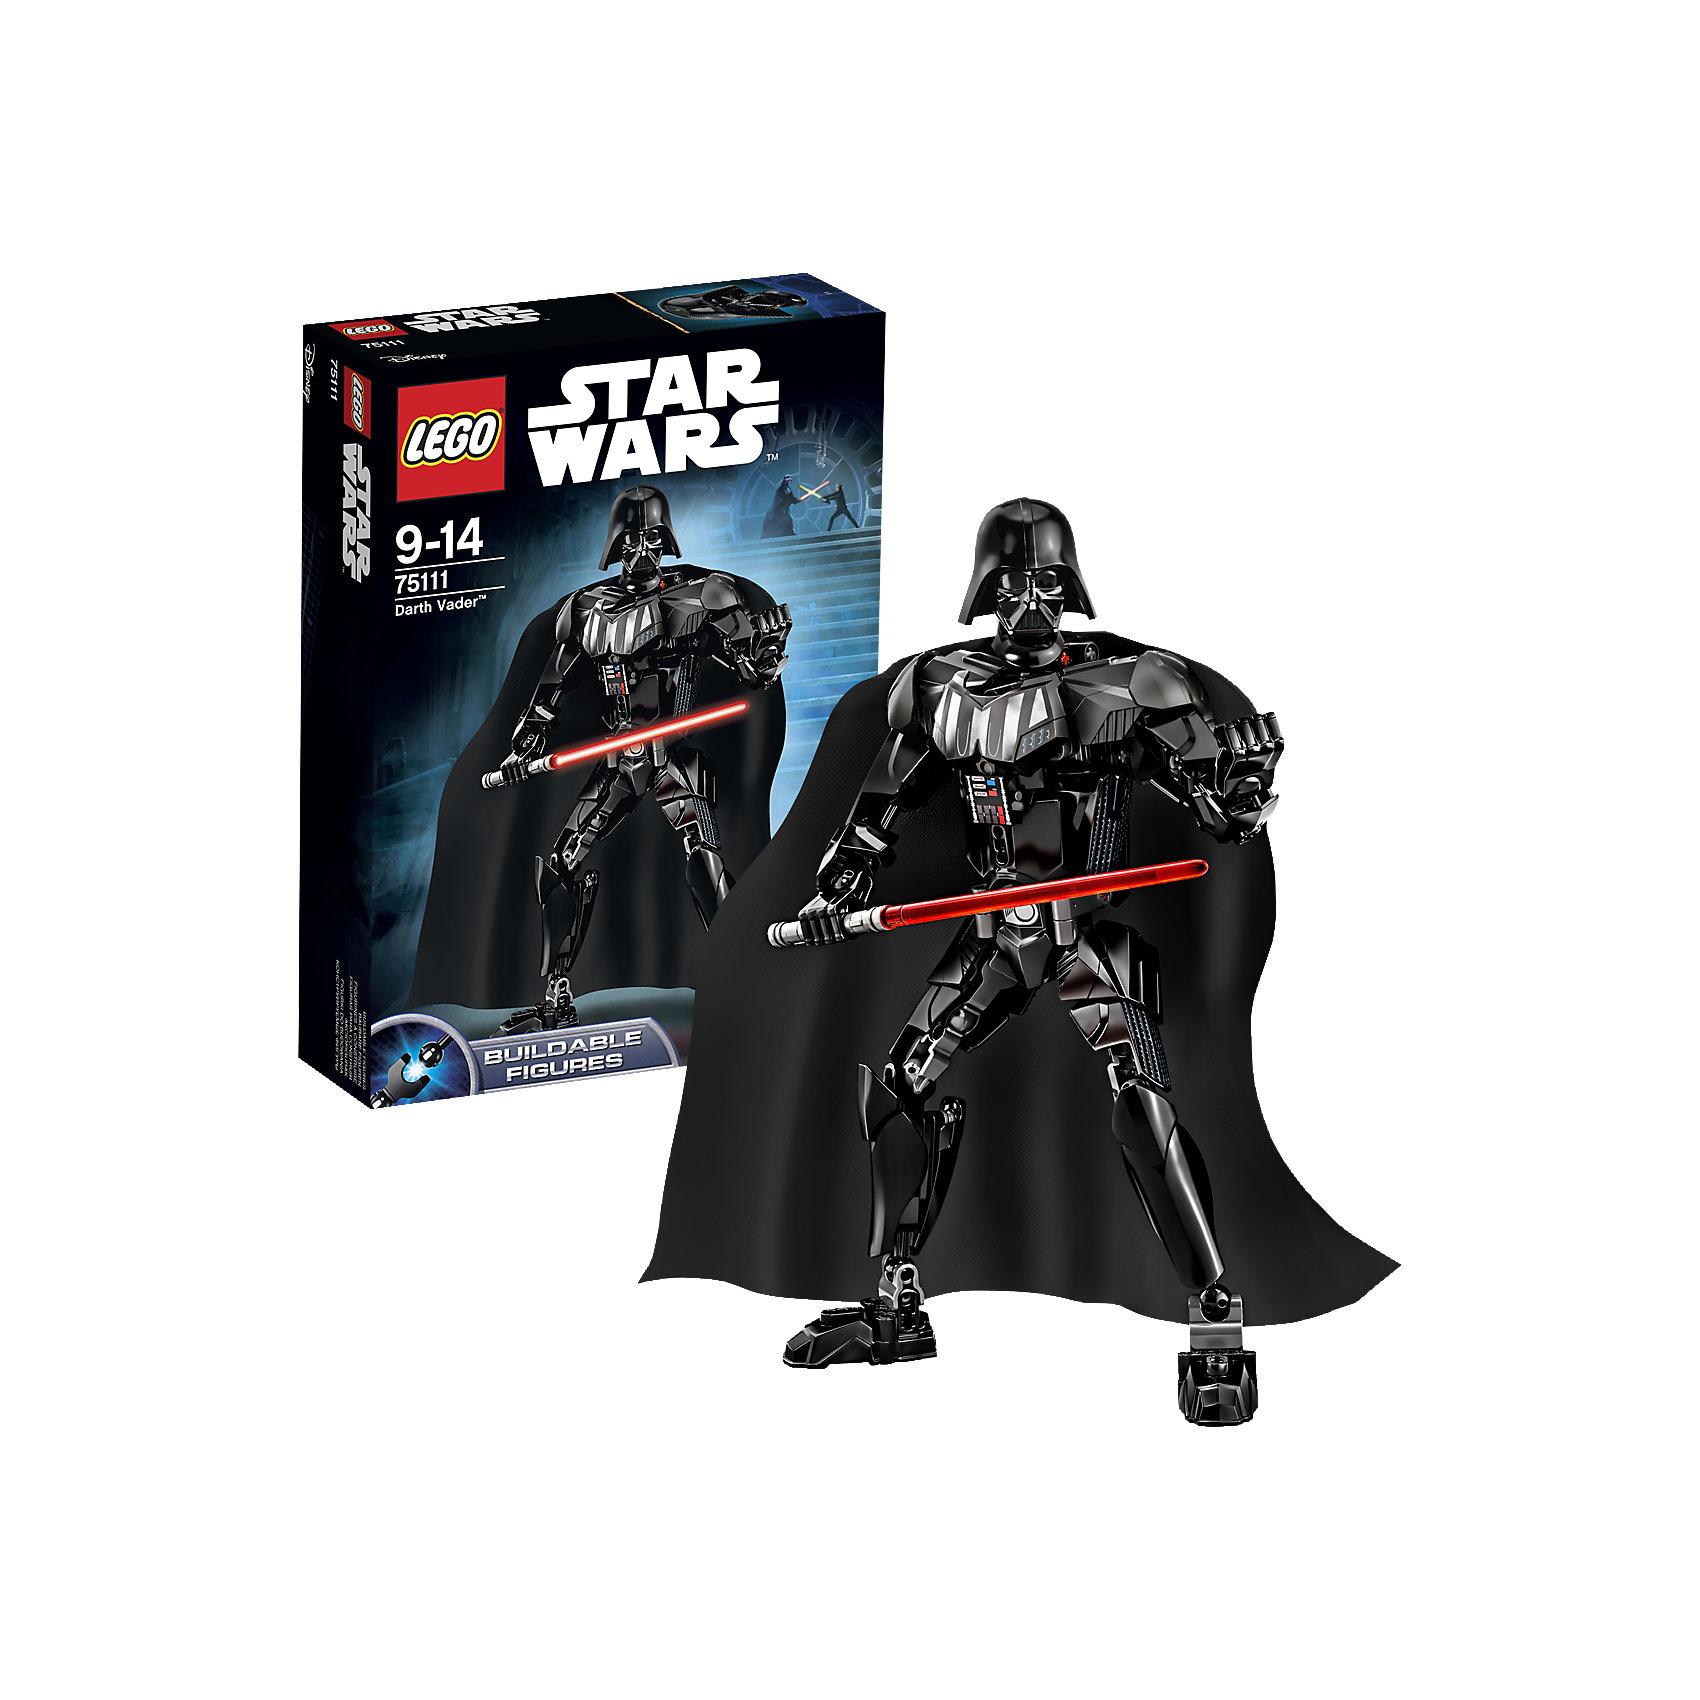 LEGO Star Wars 75111: Дарт ВейдерКонструктор LEGO Star Wars (ЛЕГО Звездные войны) 75111: Constraction 5 - это набор с помощью которого Вы с легкостью соберете подвижную фигурку Дарта Вейдера. Фигурка имеет не только игровую, но и коллекционную ценность. Дарт Вейдер один из центральных персонажей великой саги. Энакин Скайуокер перешел на сторону силы и принял имя Дарт Вейдер. Он был хитрым и расчетливым руководителем армии Галактической Империи. Он пытался предотвратить распад Империи и уничтожить Повстанческий альянс. Черный костюм Дарта Вейдера представляет из себя портативную систему жизнеобеспечения, которая необходима ему после ранений. Собери все фигурки и разыграй знаменитые сцены из саги или почувствуй себя сценаристом и создай собственную историю знаменитого эпизода! Подключайте фантазию и Вам никогда не будет скучно в компании LEGO (ЛЕГО)! <br><br>LEGO Star Wars (ЛЕГО Звездные войны) – это тематическая серия детских развивающих конструкторов по мотивам приключенческого мультфильма 2014 года «Звездные войны: Повстанцы». Ребенок сможет часами играть с конструктором, придумывая различные ситуации и истории из любимого мультфильма. В процессе игры с конструктором дети приобретают и постигают такие необходимые навыки как познание, творчество, воображение. Большое количество дополнительных элементов делает игровые сюжеты по-настоящему захватывающими и реалистичными. Все наборы ЛЕГО Звездные Войны соответствуют самым высоким европейским стандартам качества и абсолютно безопасны.<br><br>Дополнительная информация:<br><br>- Игра с конструктором  LEGO (ЛЕГО) развивает мелкую моторику ребенка, фантазию и воображение, учит его усидчивости и внимательности;<br>- Подвижная фигурка с оружием;<br>- Серия: LEGO Star Wars (ЛЕГО Звездные войны);<br>- Материал: высококачественный пластик.<br><br>Конструктор LEGO Star Wars (ЛЕГО Звездные войны) 75111: Constraction 5 можно купить в нашем интернет-магазине.<br><br>Ширина мм: 265<br>Глубина мм: 192<br>Высота мм: 66<br>Вес г: 320<br